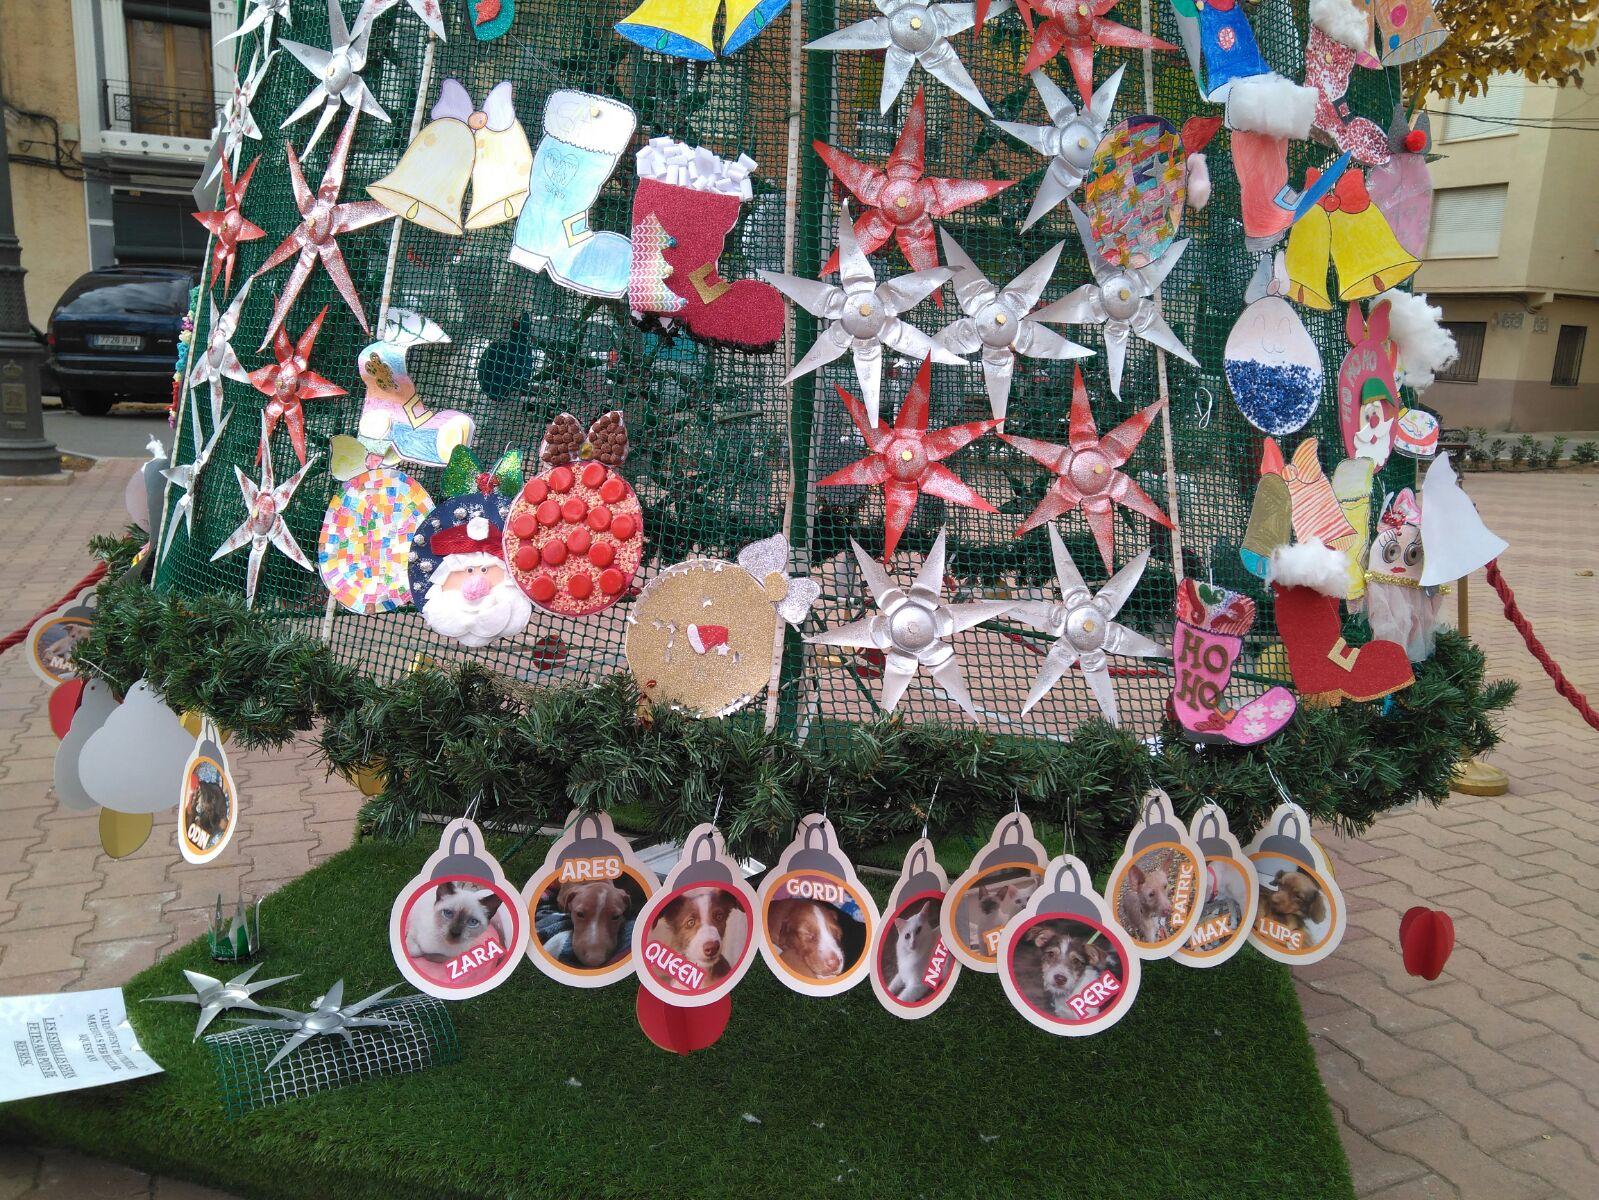 76688c687aeef Se ha convocado en Canals la III Edición del Concurso de Escaparates. Con  el fin de promover el comercio local en una temporada clave como es Navidad  se ha ...